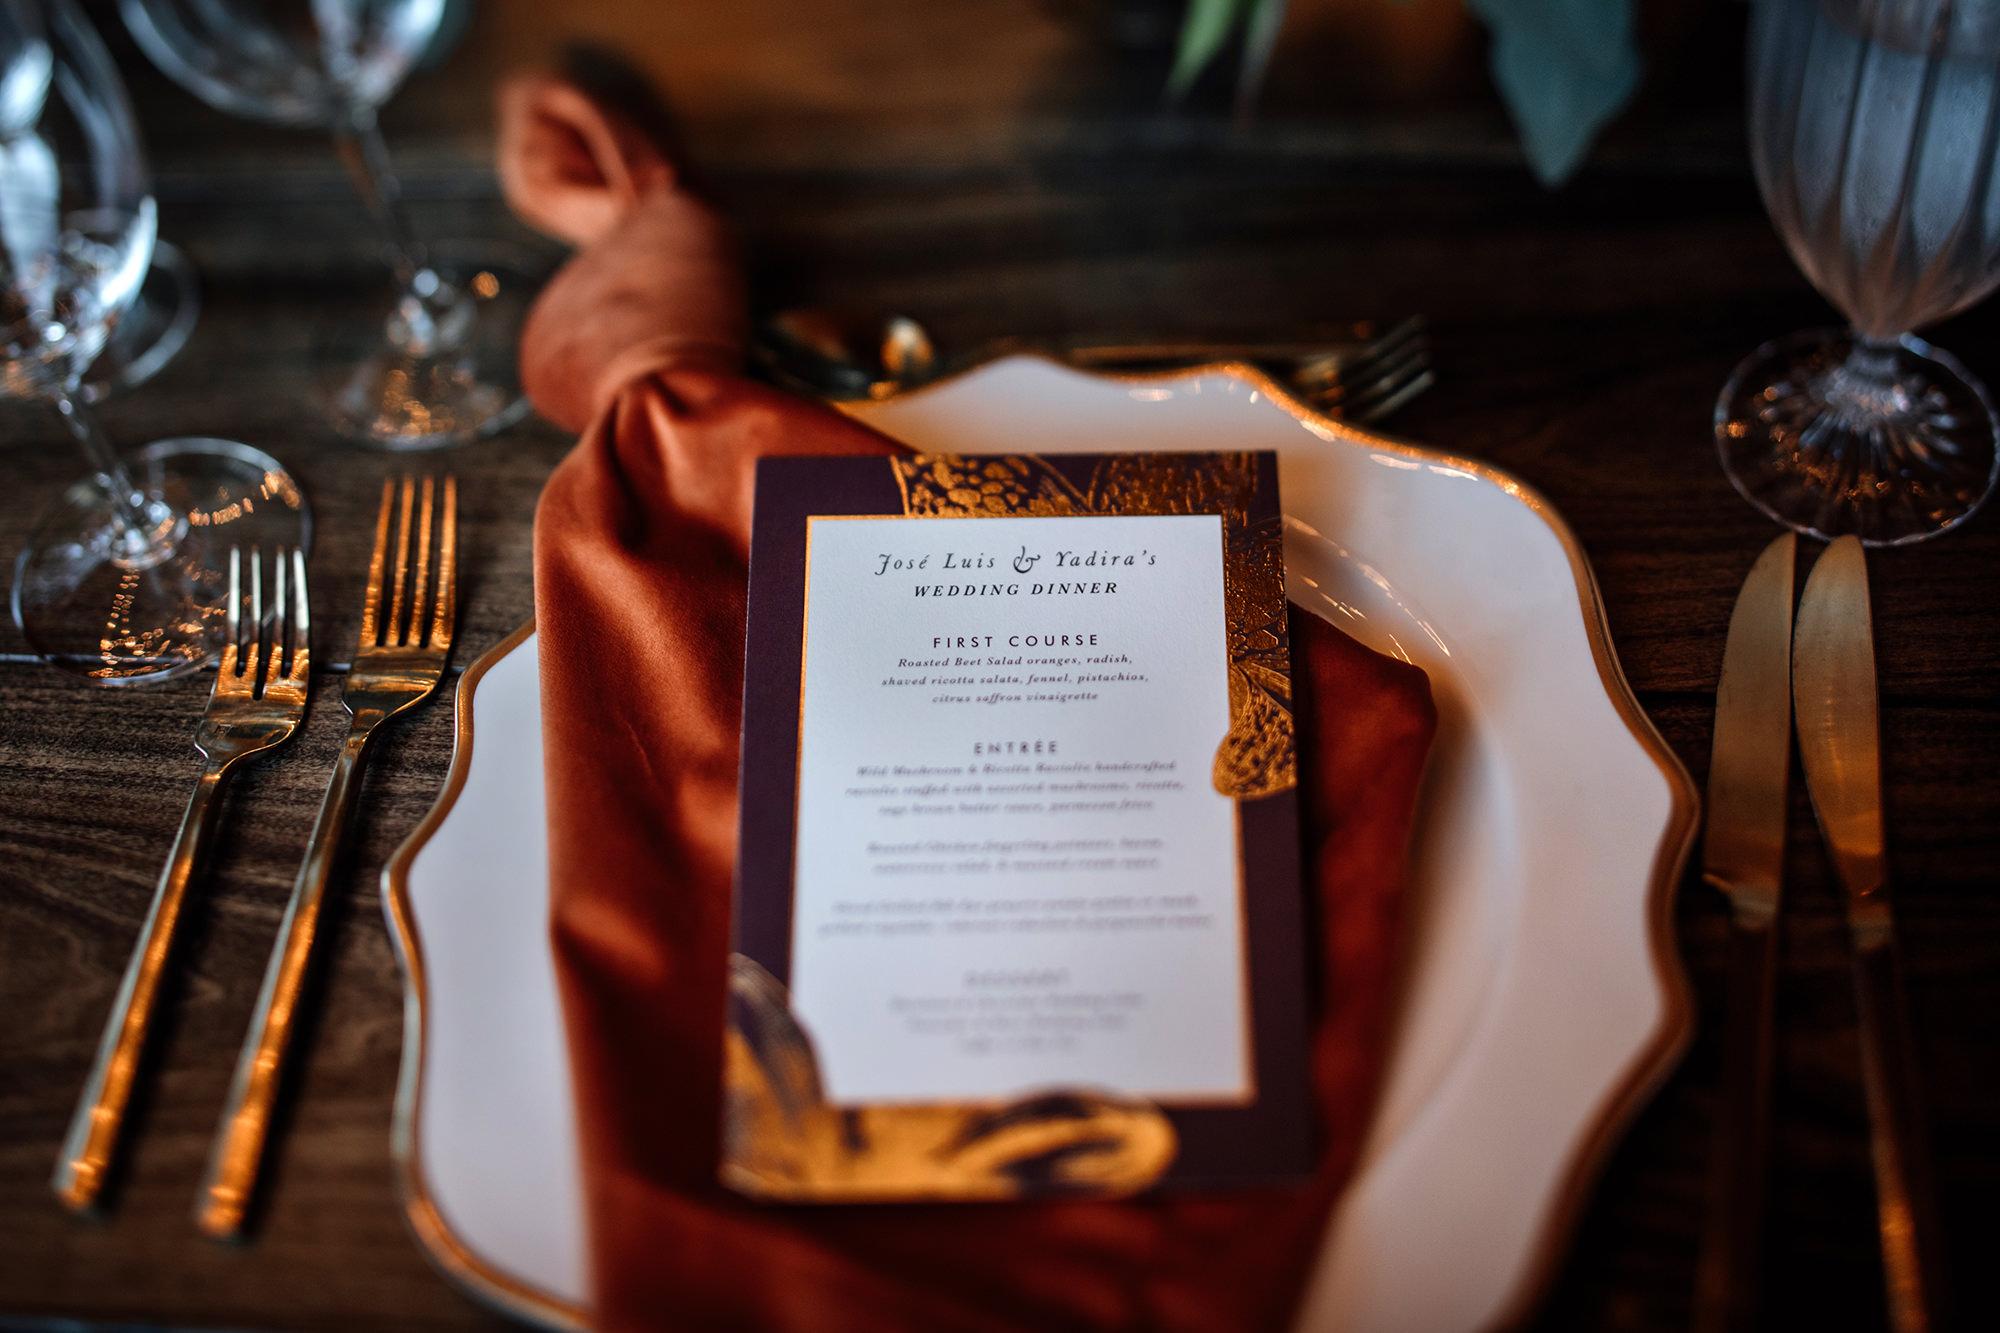 Wedding menu for Brasswood wedding reception in Calistoga.